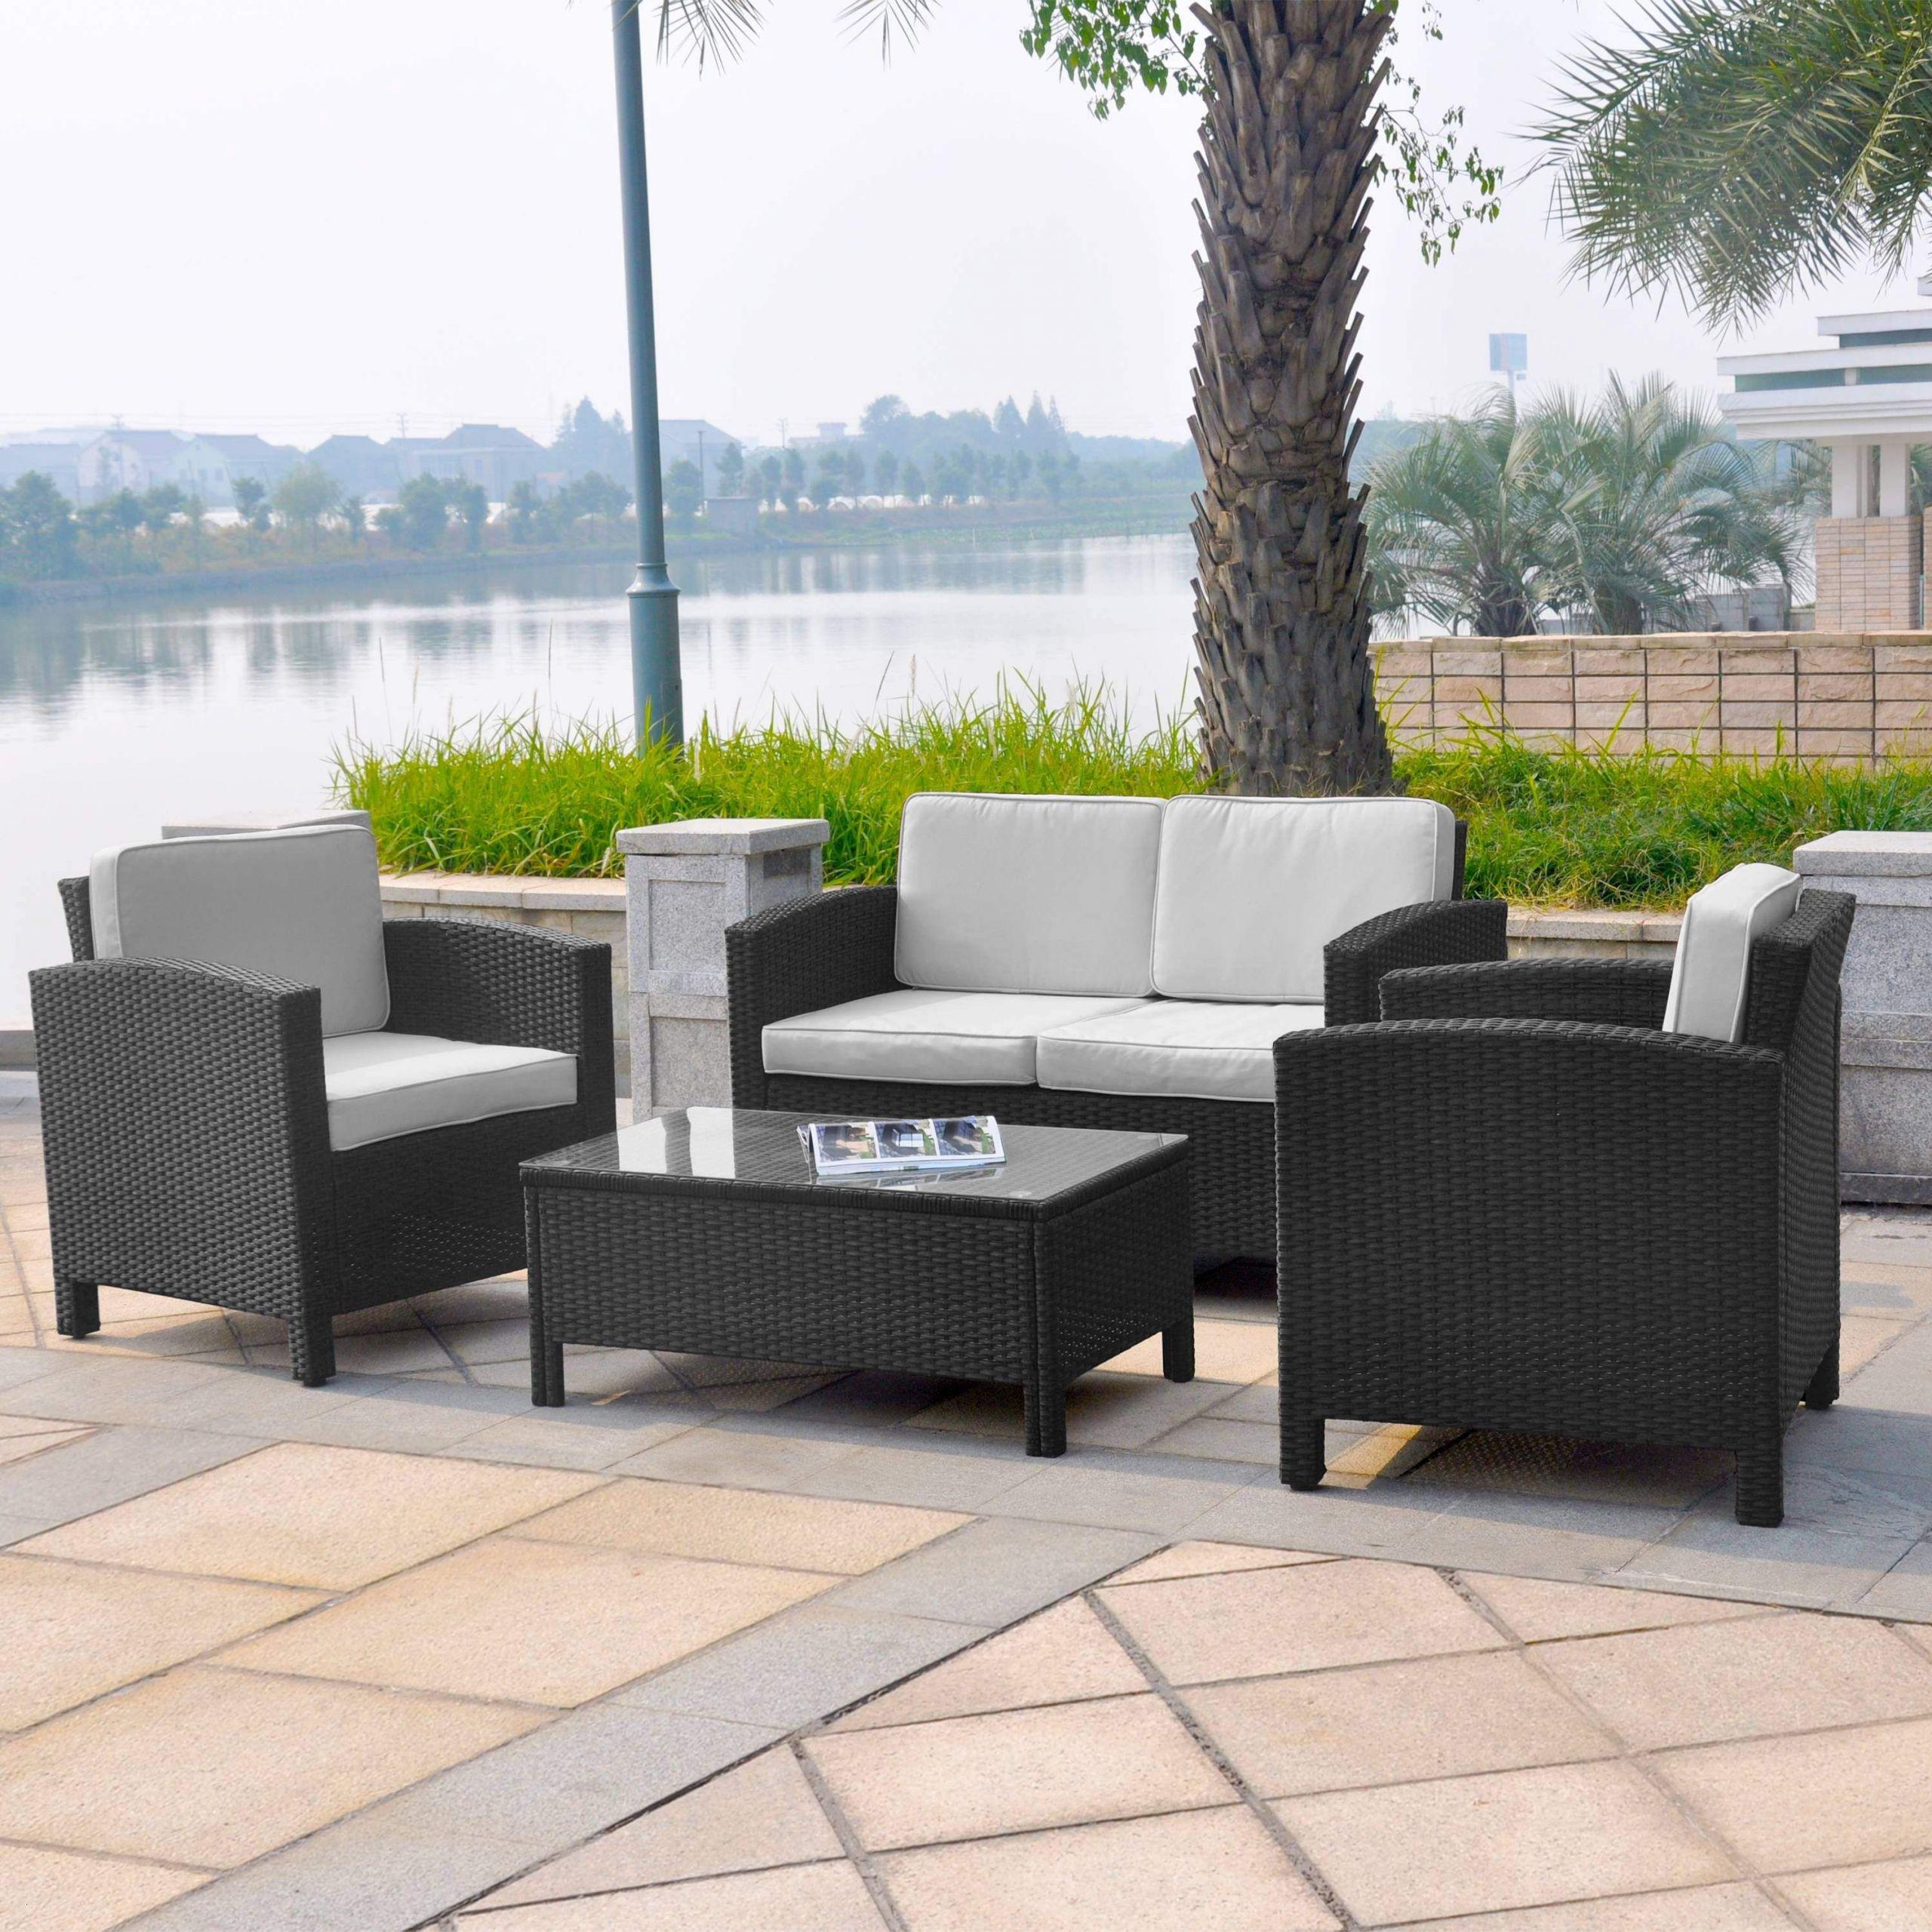 Stapelstühle Garten Elegant 11 Tisch Stühle Terrasse Einzigartig